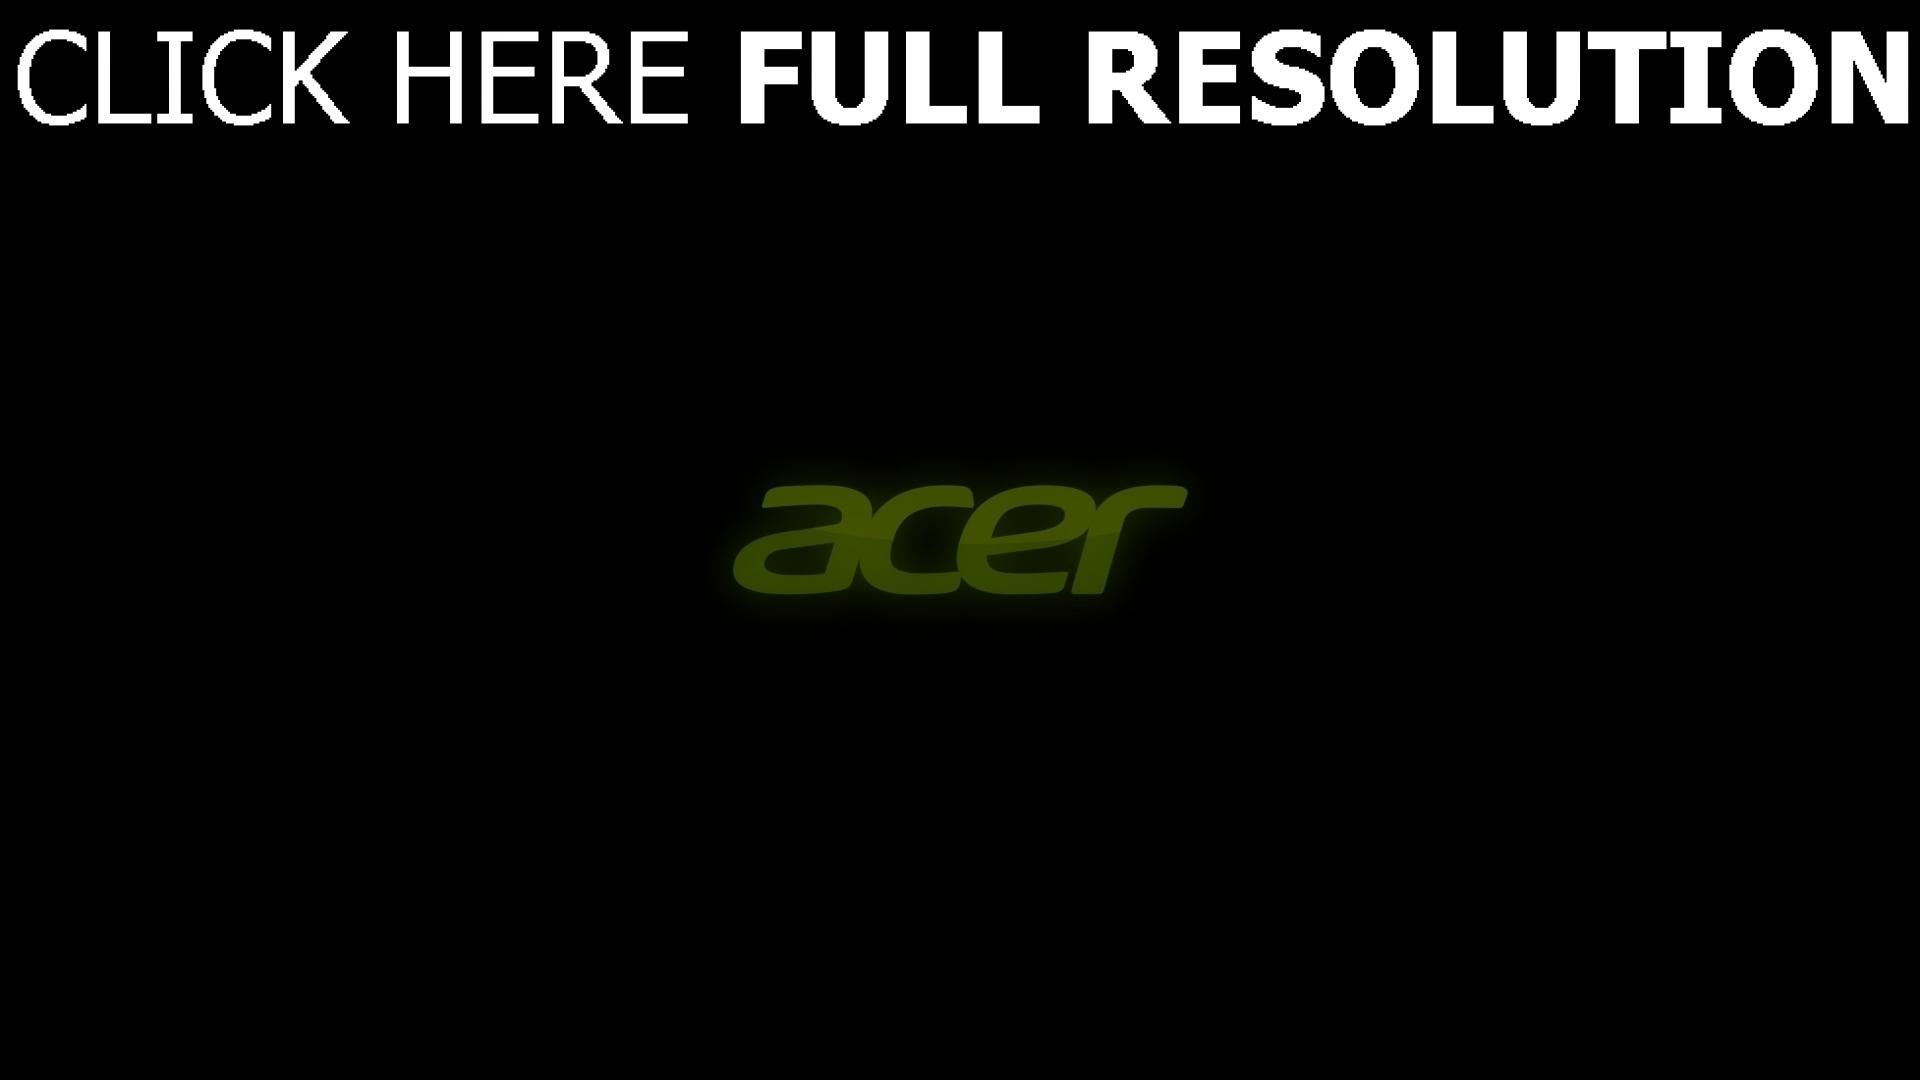 T 233 L 233 Charger 1920x1080 Full Hd Fond D 233 Cran Acer Logo De La